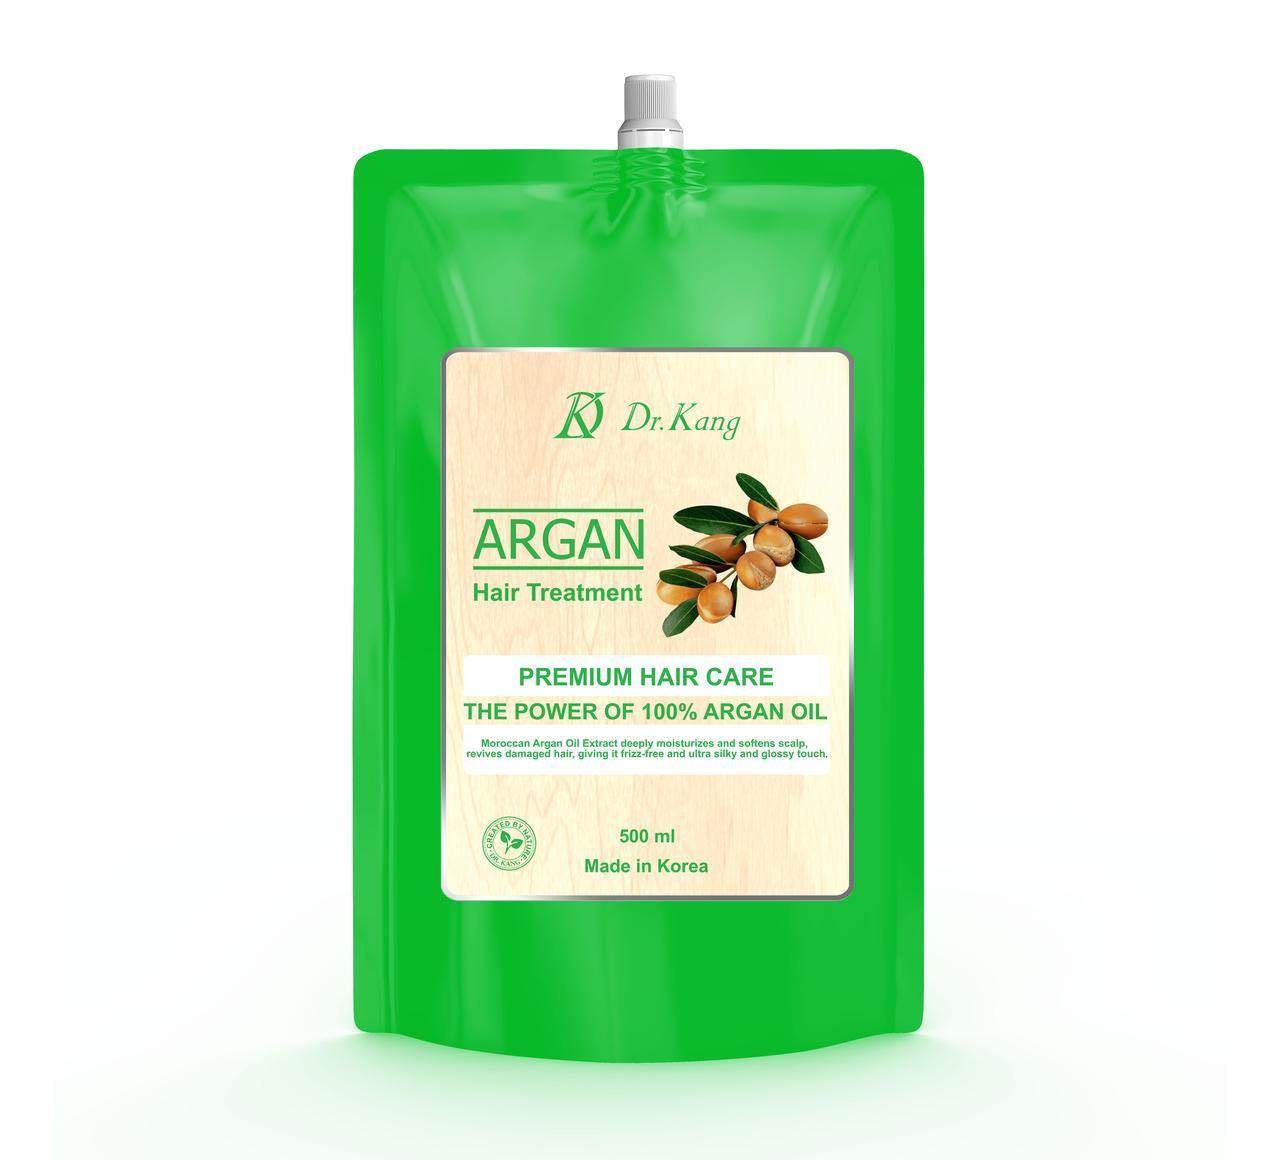 Dr.Kang Бальзам-маска для волос Премиум-класса с аргановым маслом Argan Premium Hair Treatment / 500 мл.